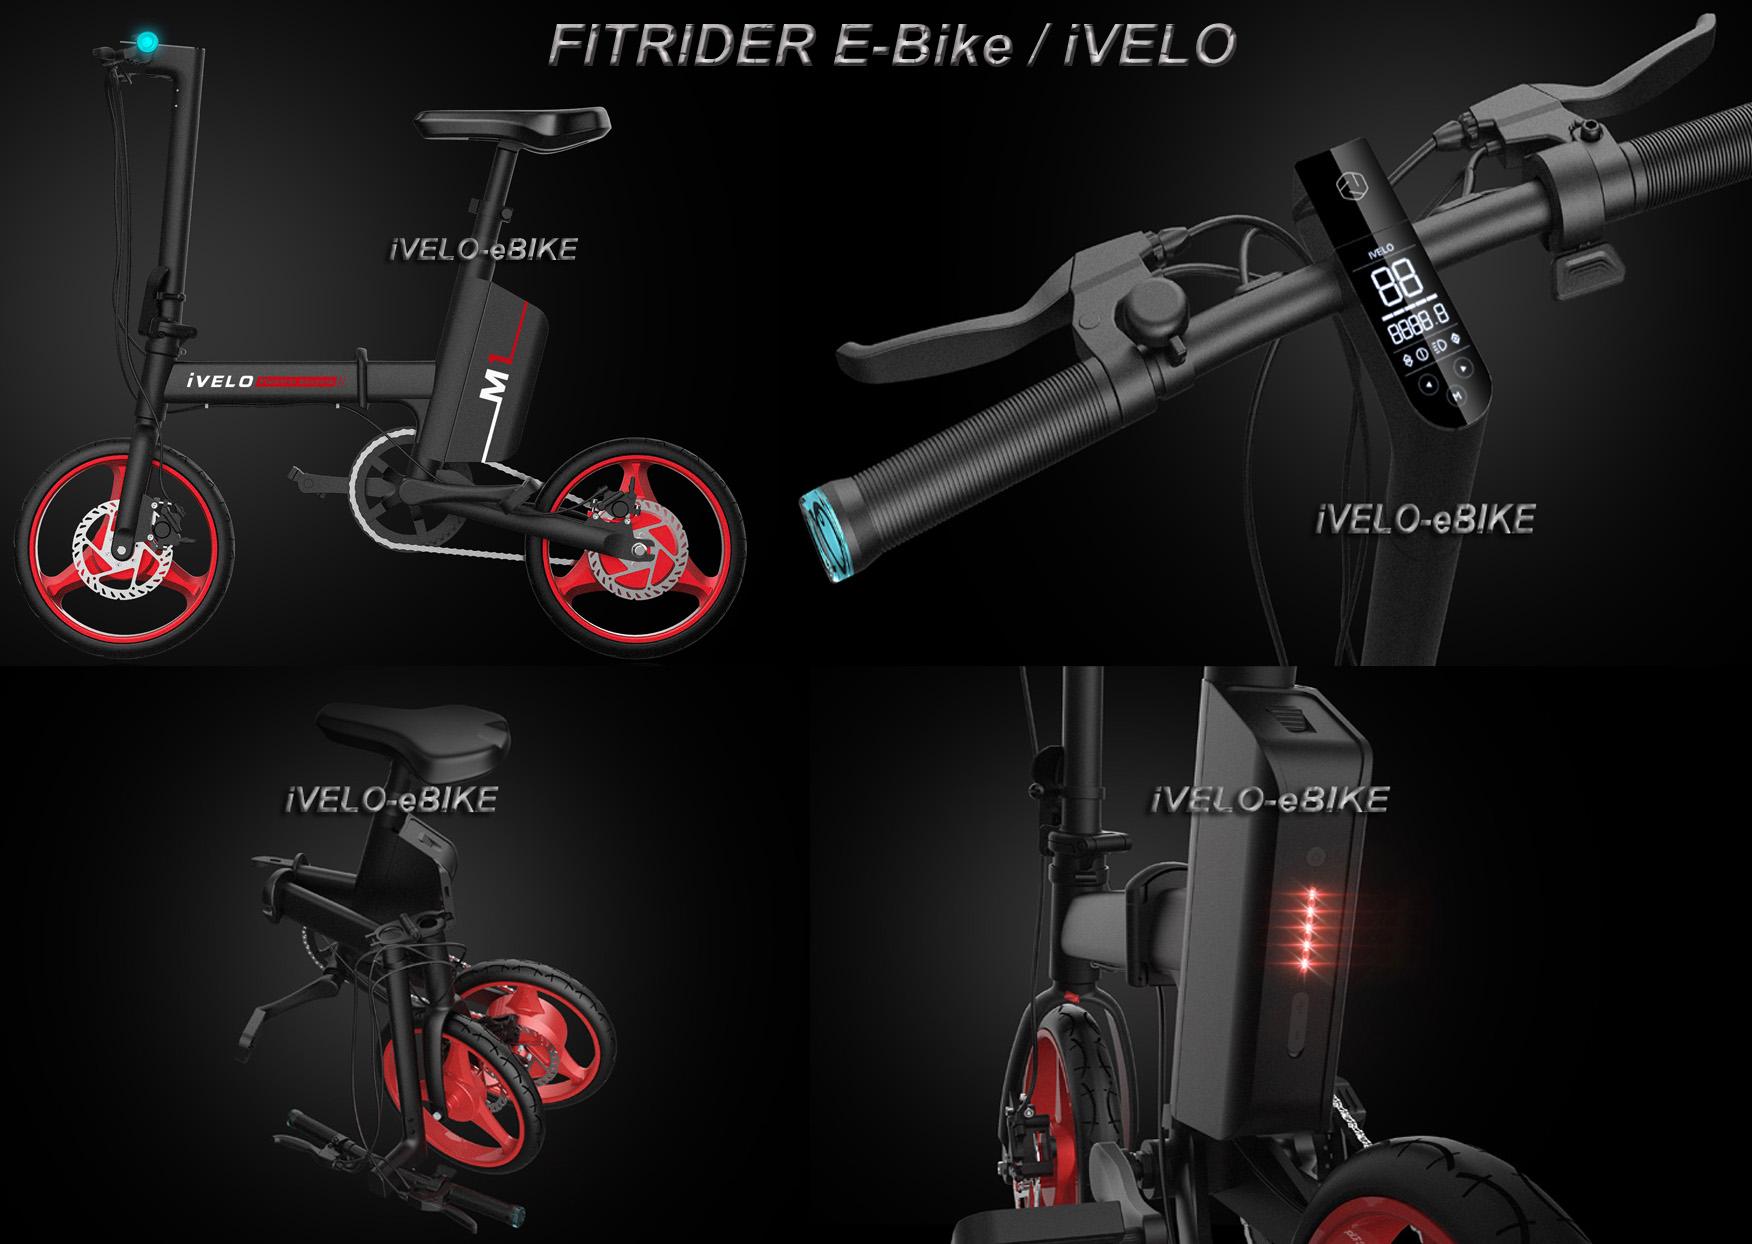 14inch foldable electric bike ivelo m1 bike